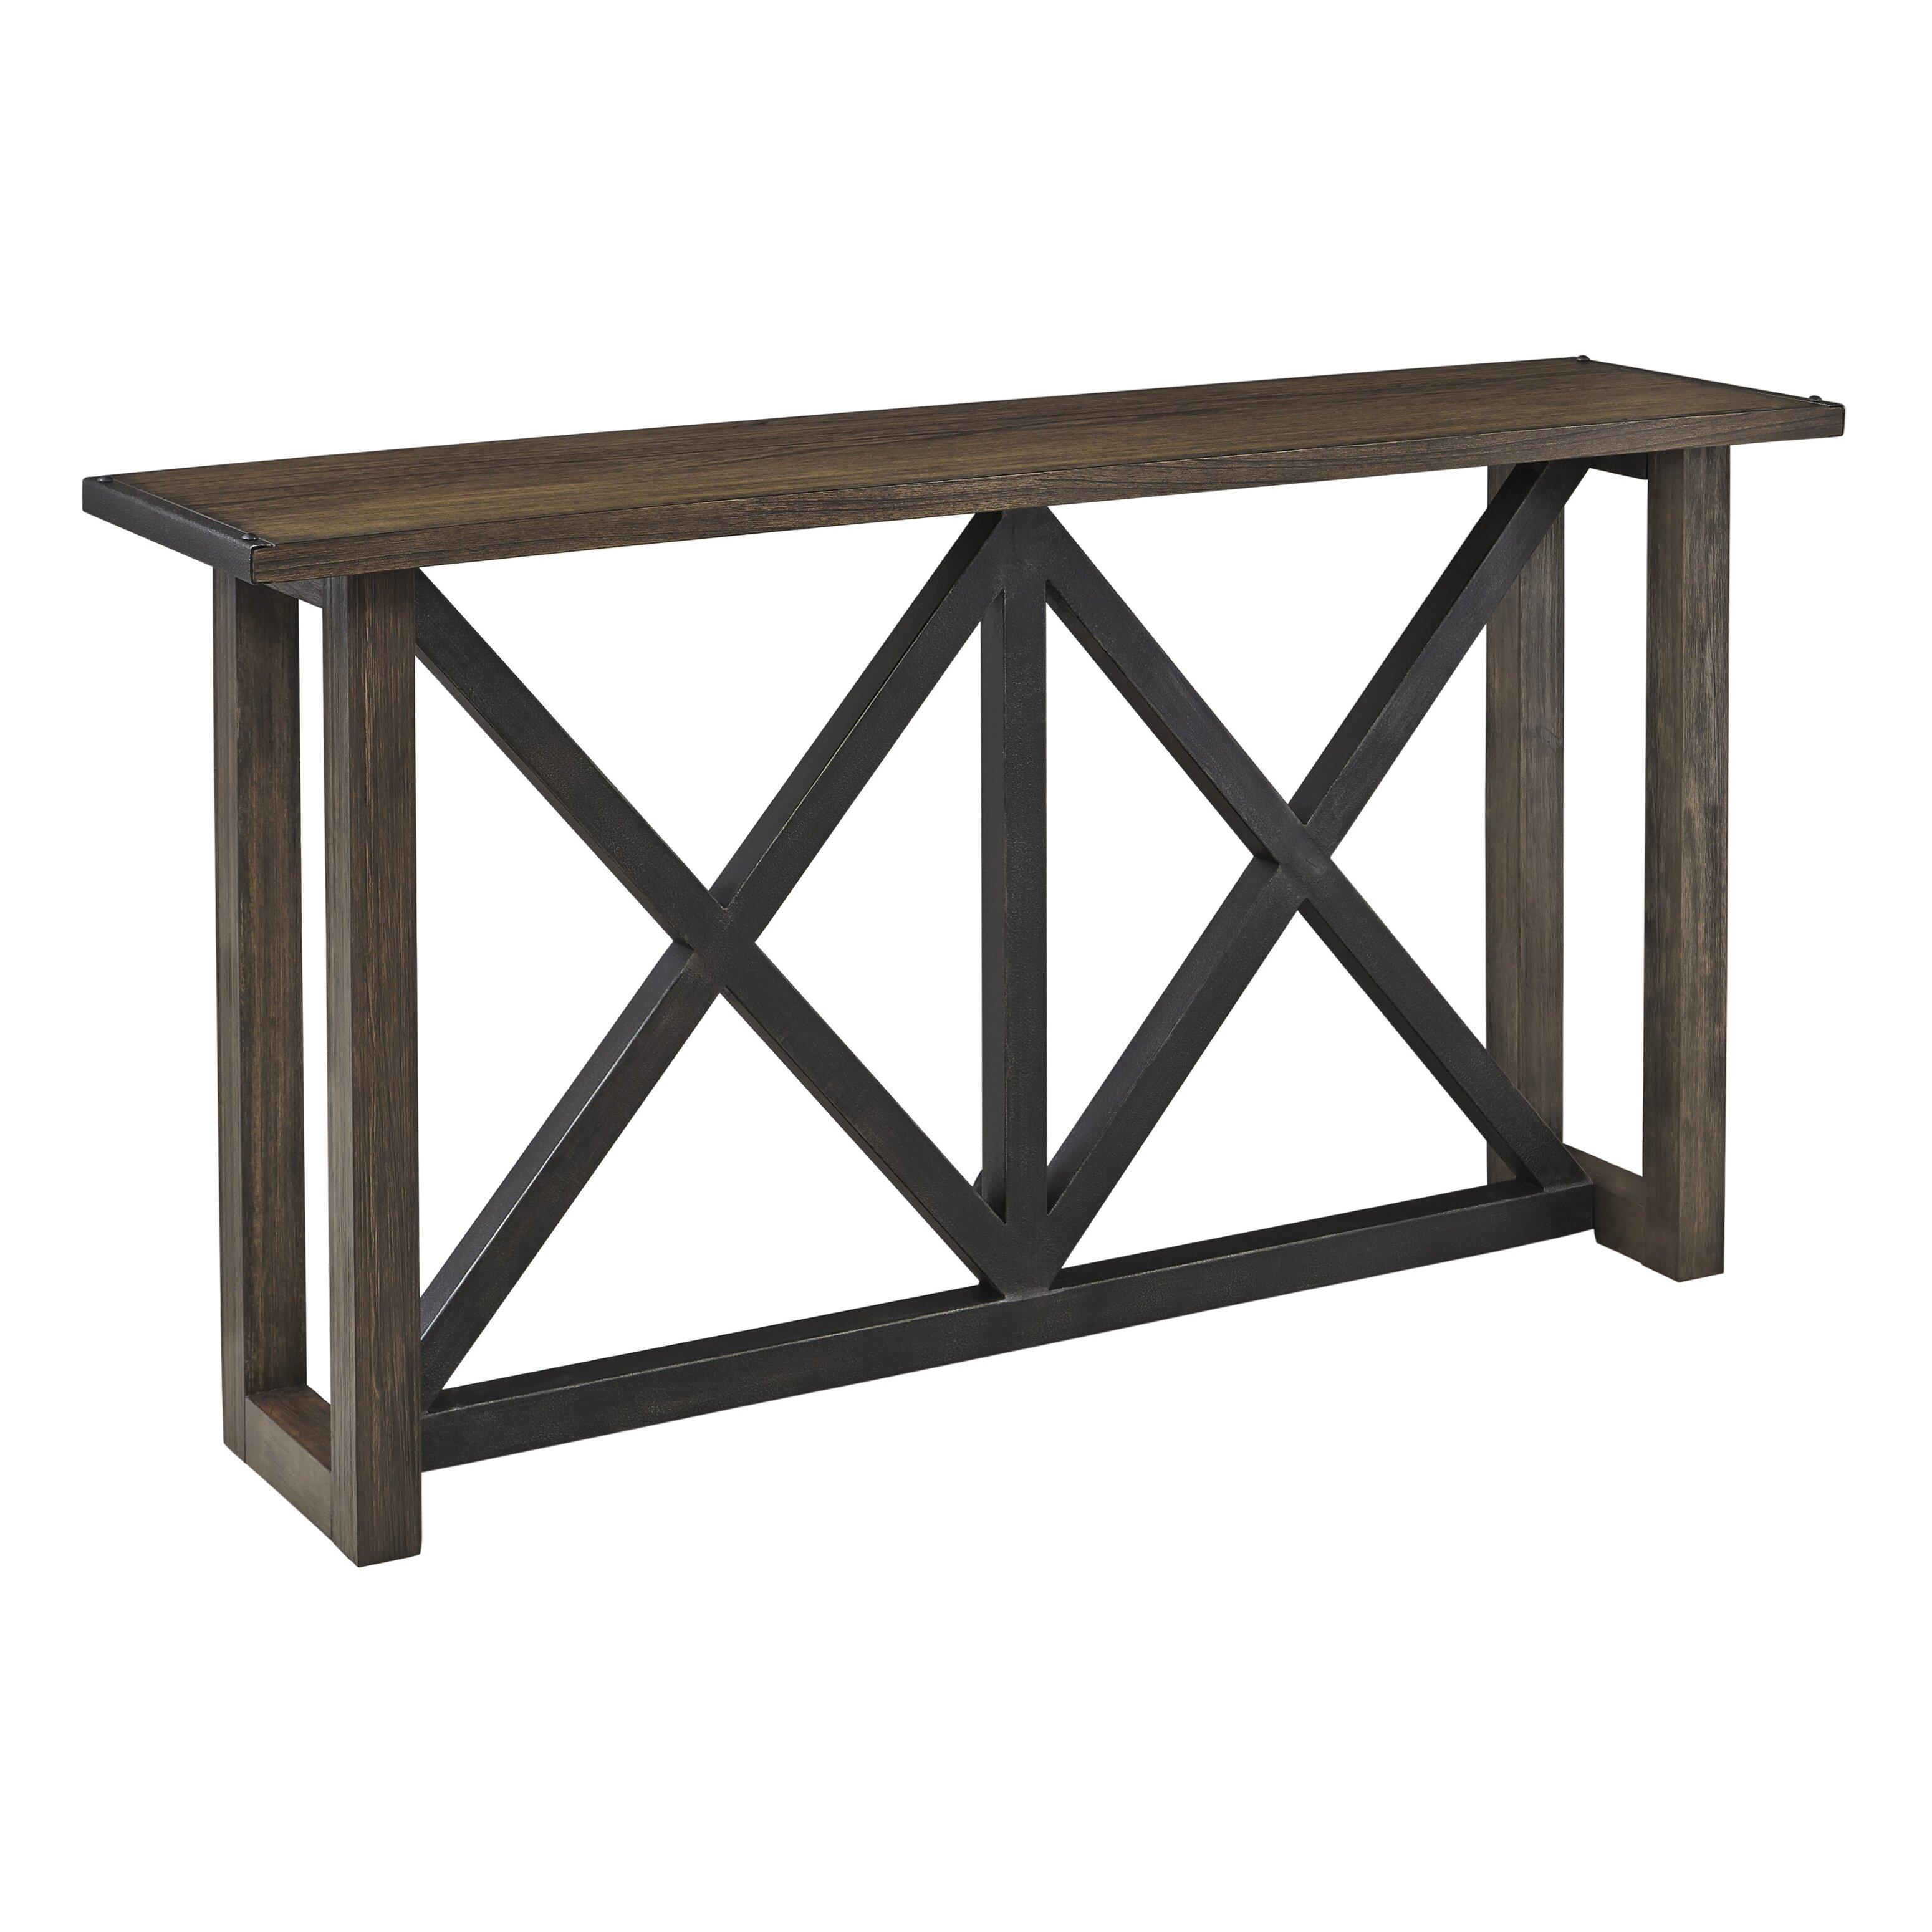 Outdoor Sofa Table Ideas